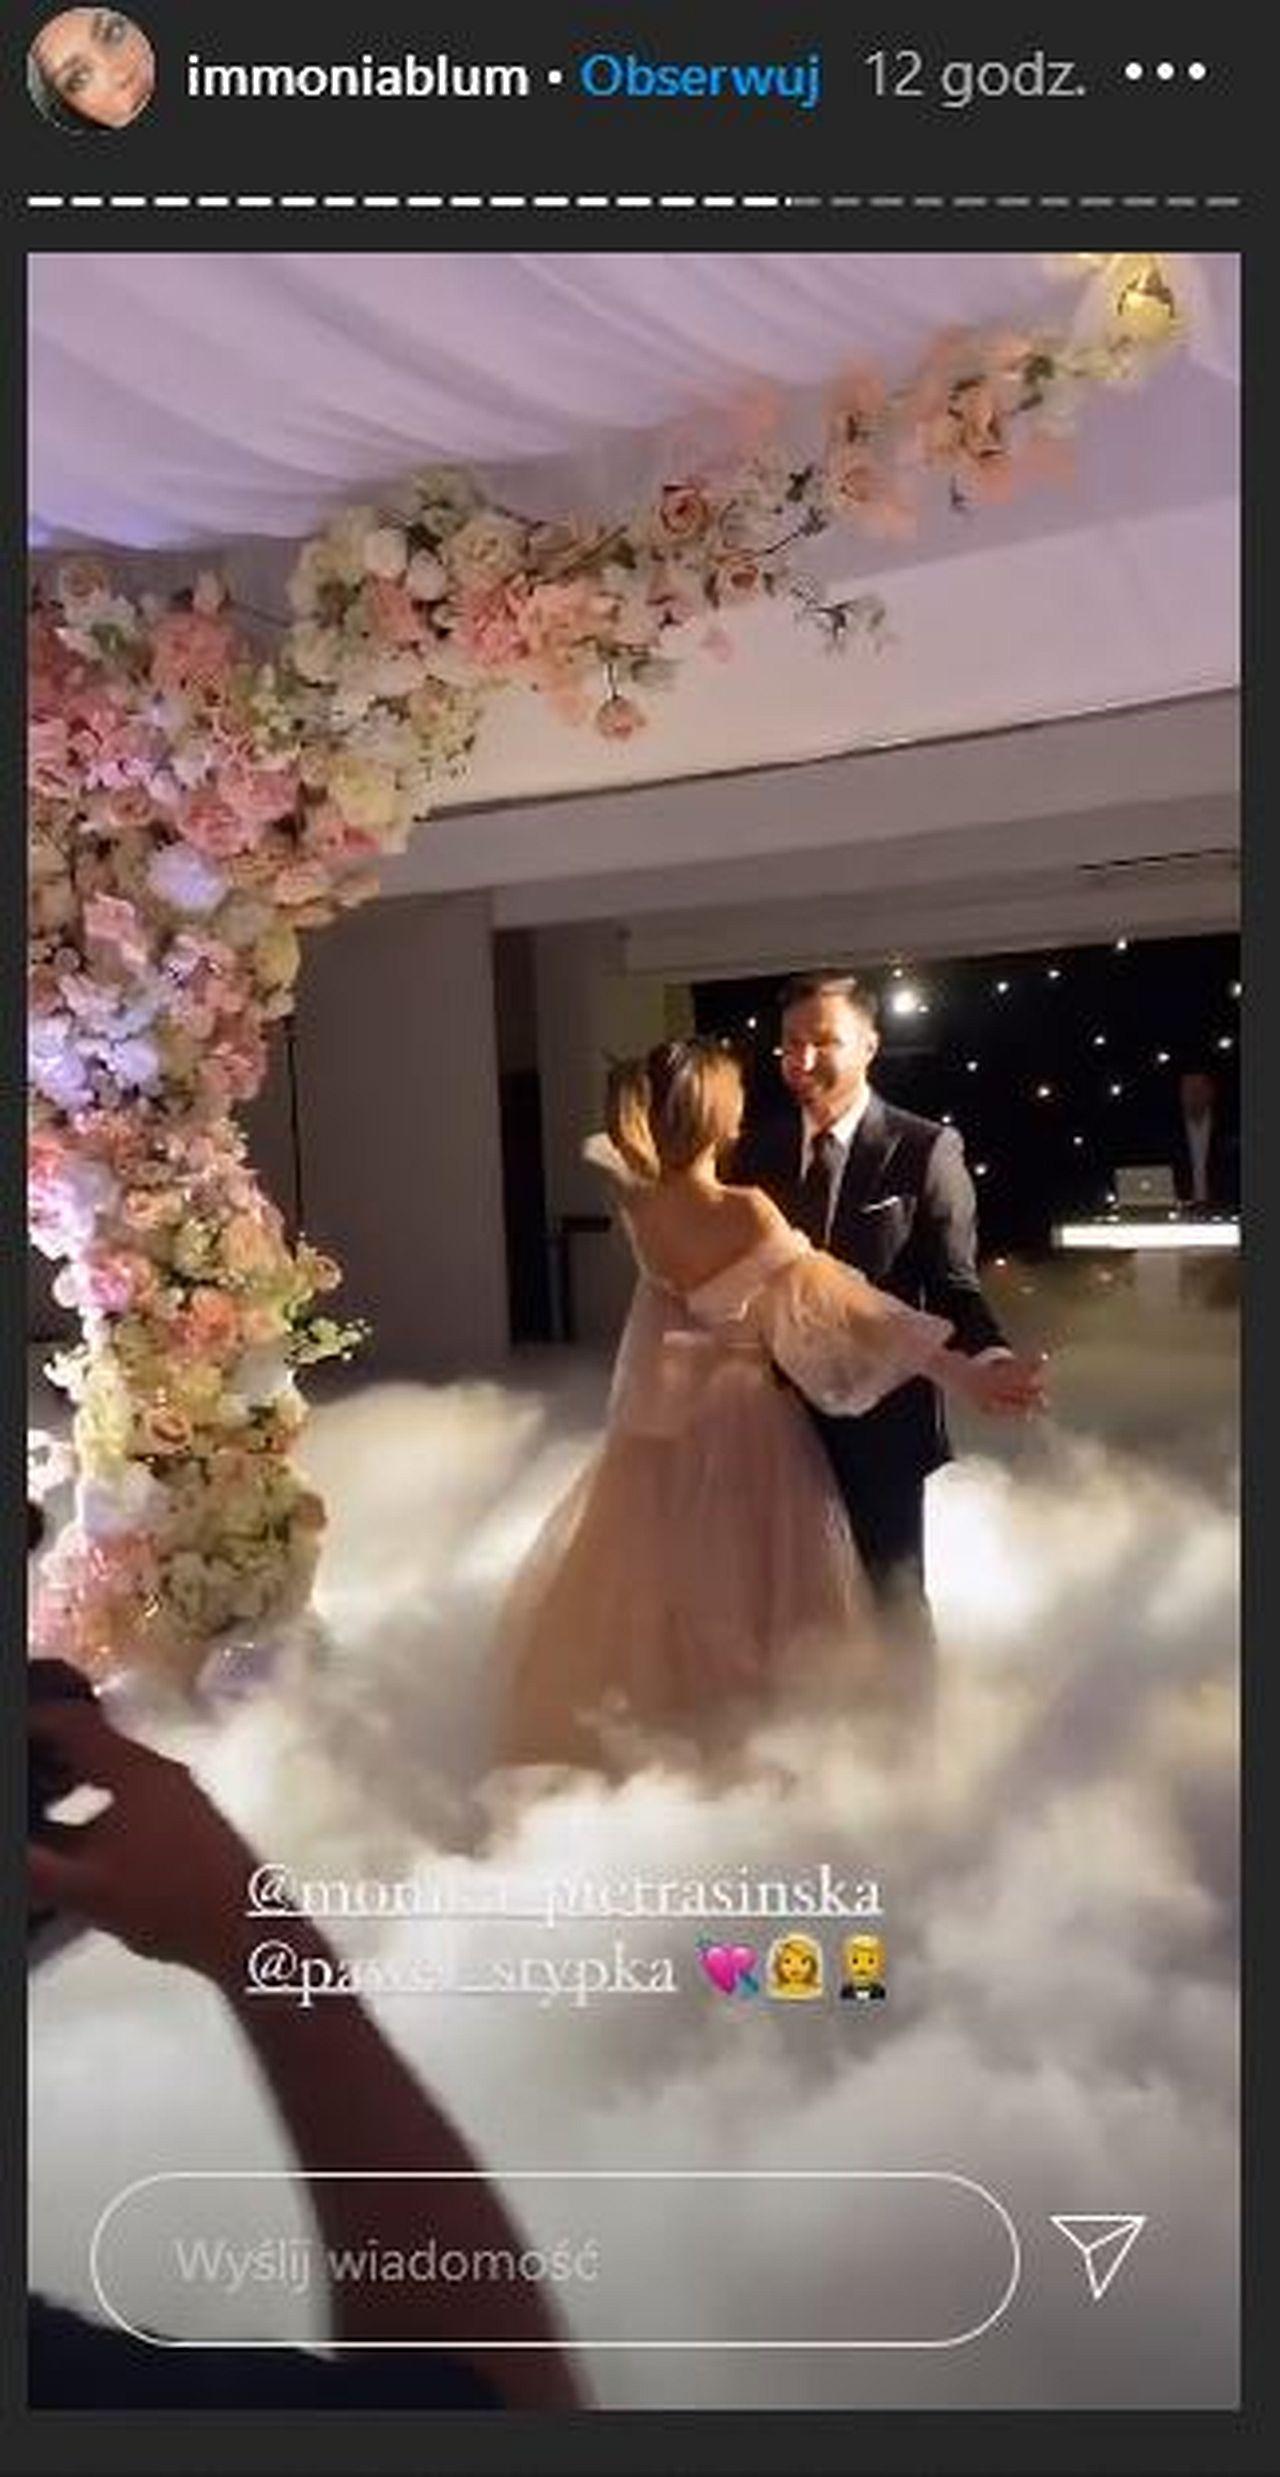 Ślub Moniki Pietrasińskiej i Pawła Stypki - pocałunek - pierwszy taniec